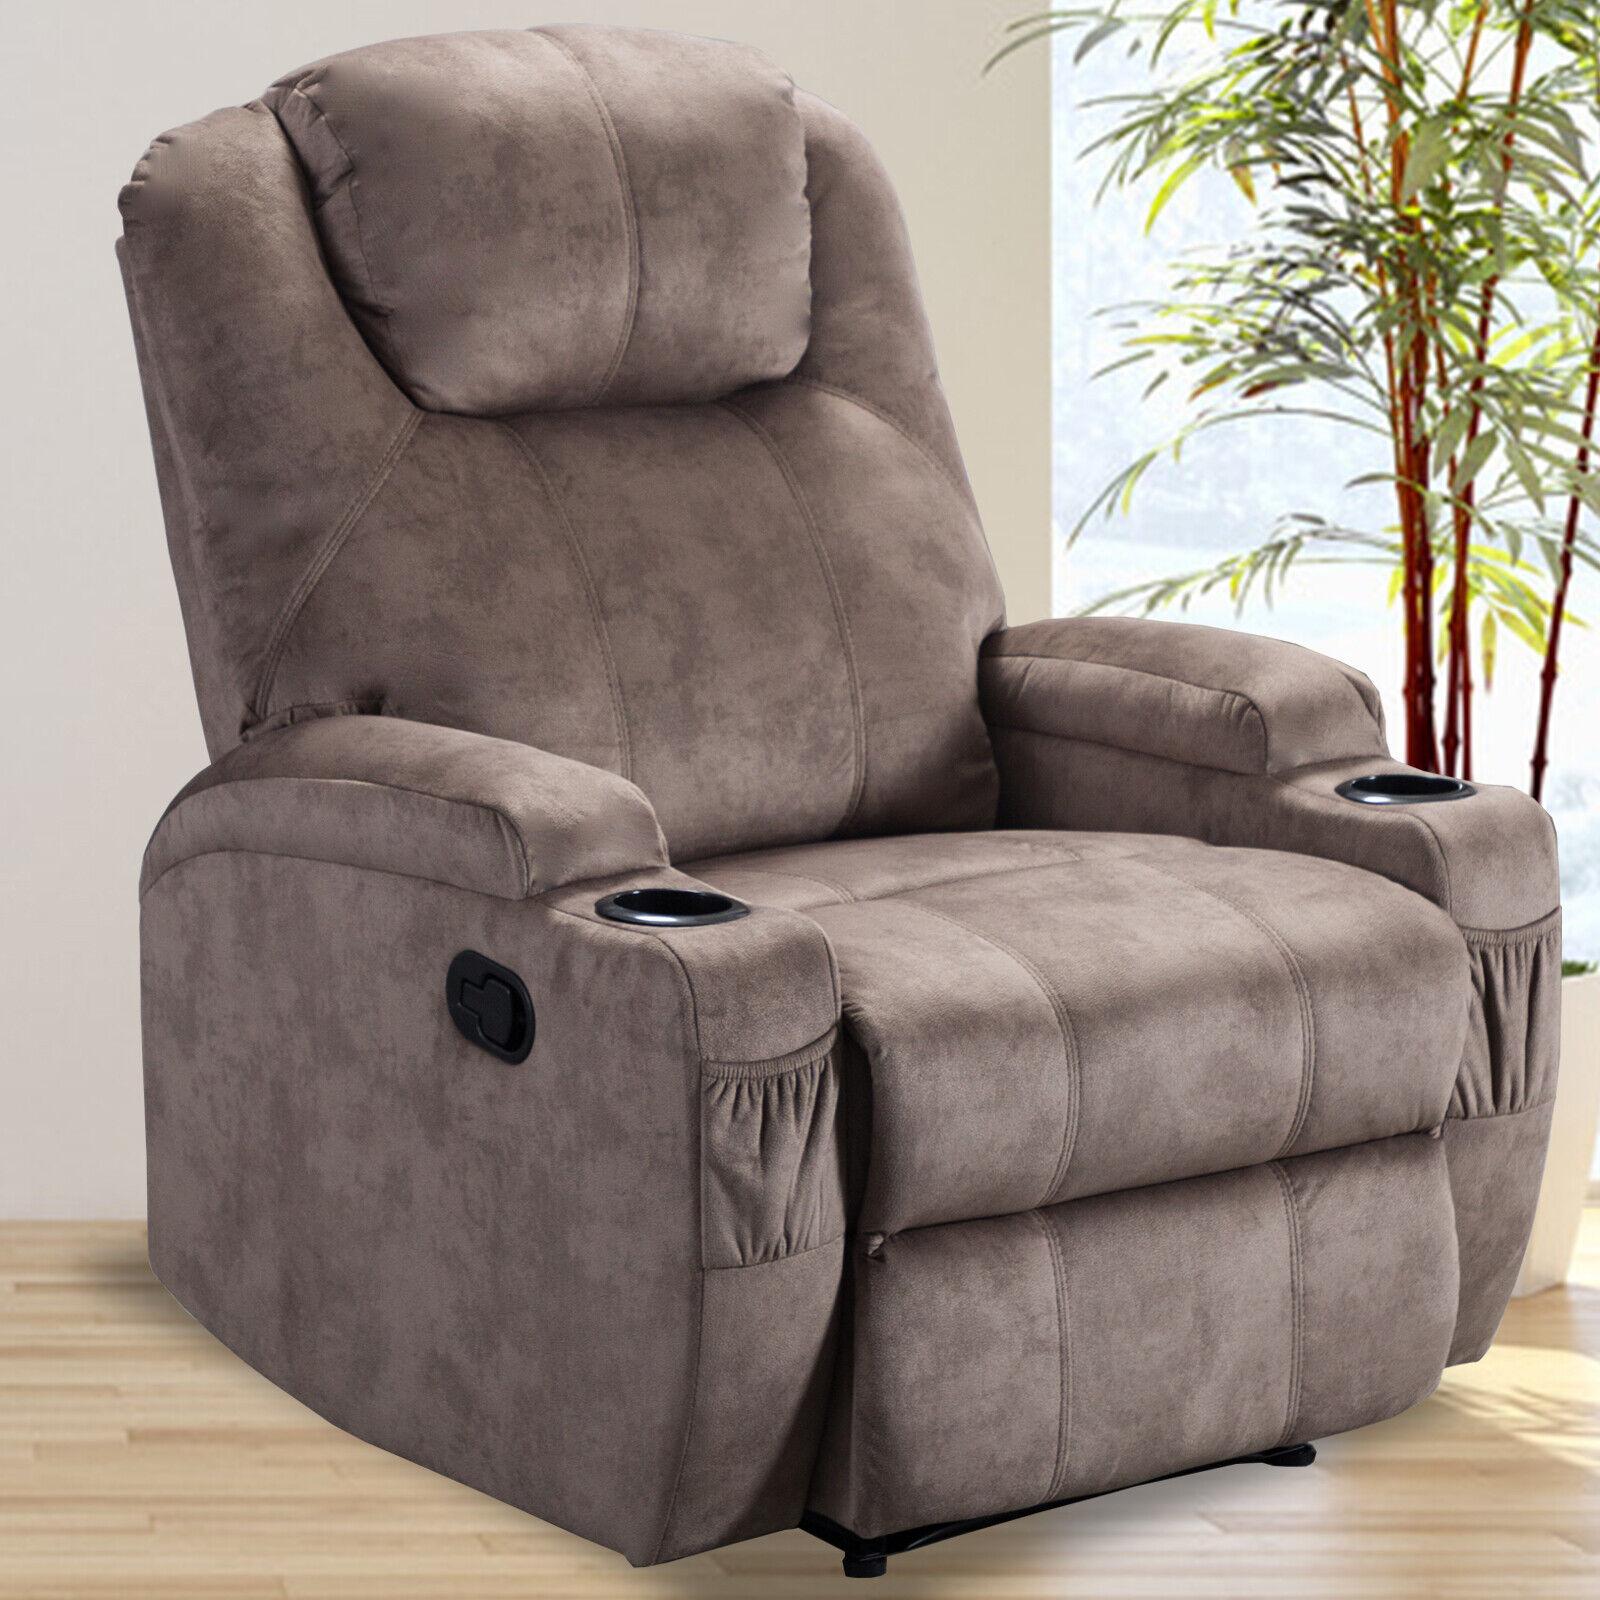 manual recliner chair microfiber sofa armchair w